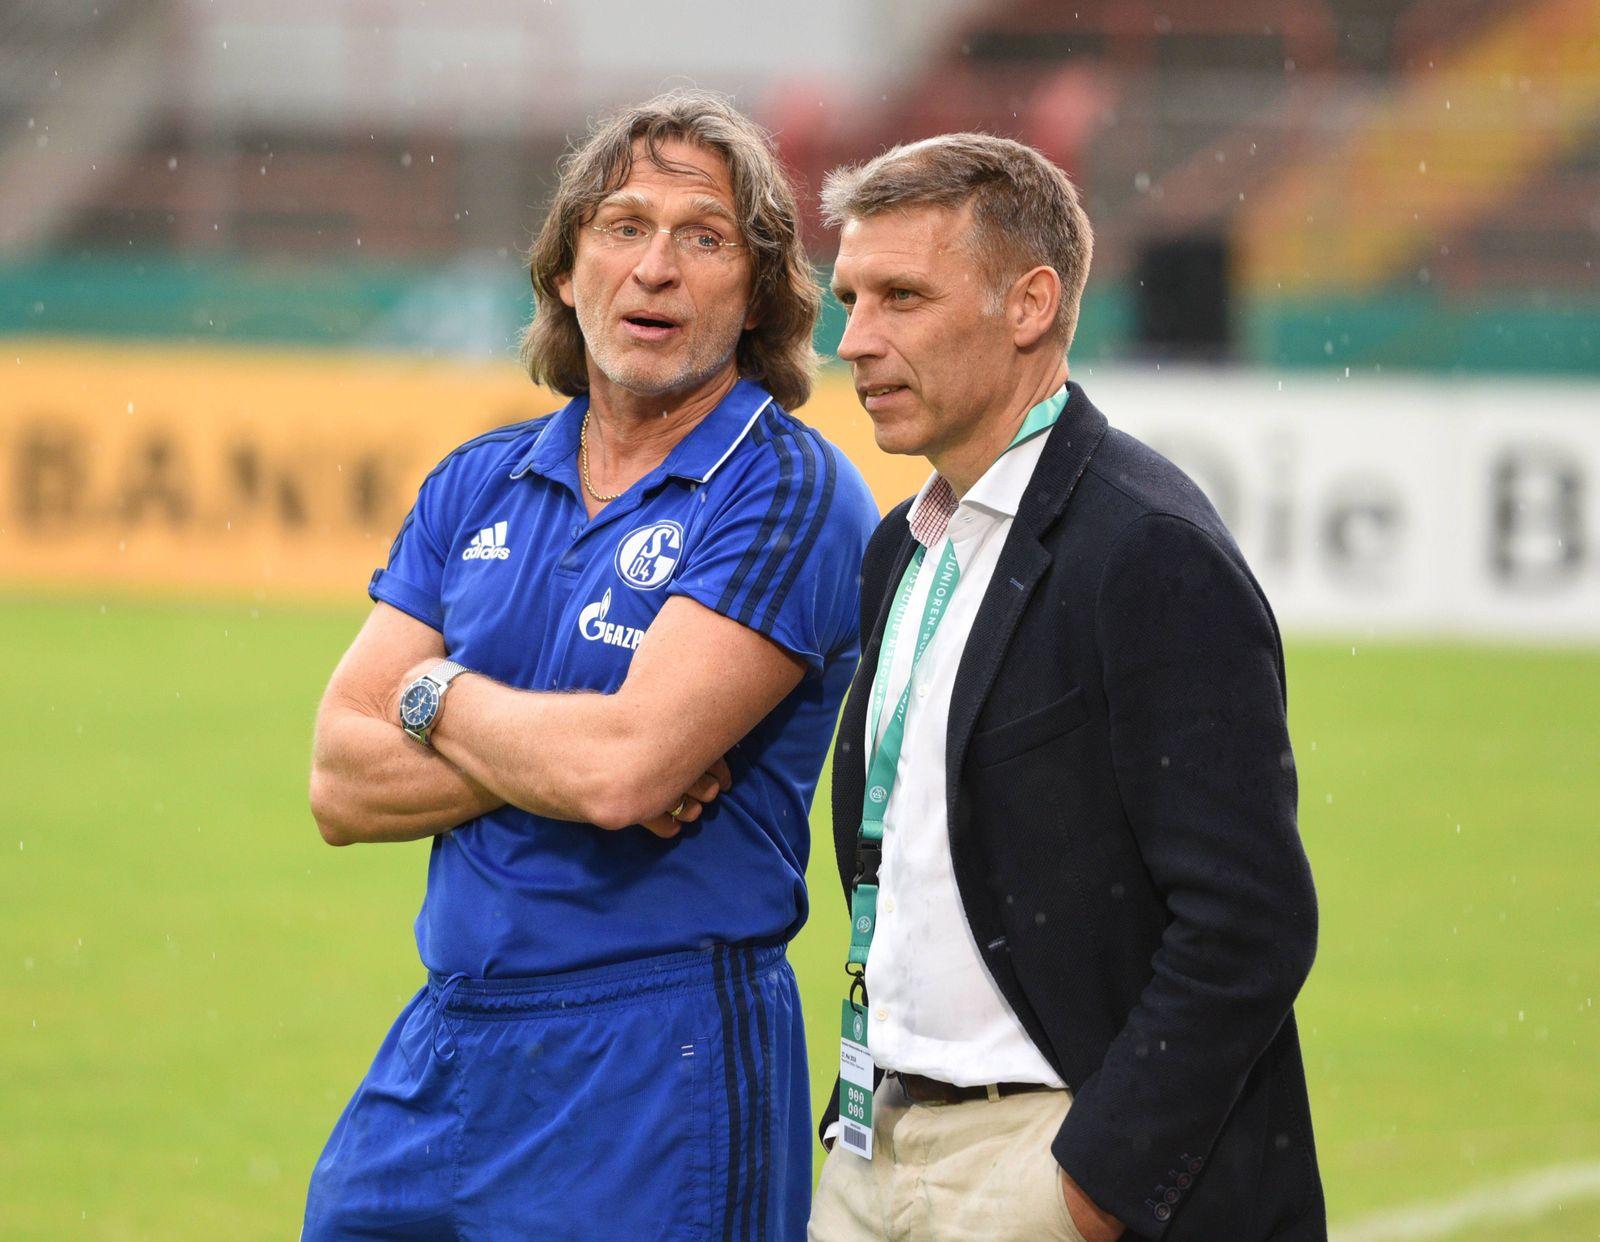 Finale um die Deutsche Jugendmeisterschaft U19: FC Schalke 04 - Hertha BSC Berlin in Oberhausen 27.05.2018. Trainer Nor